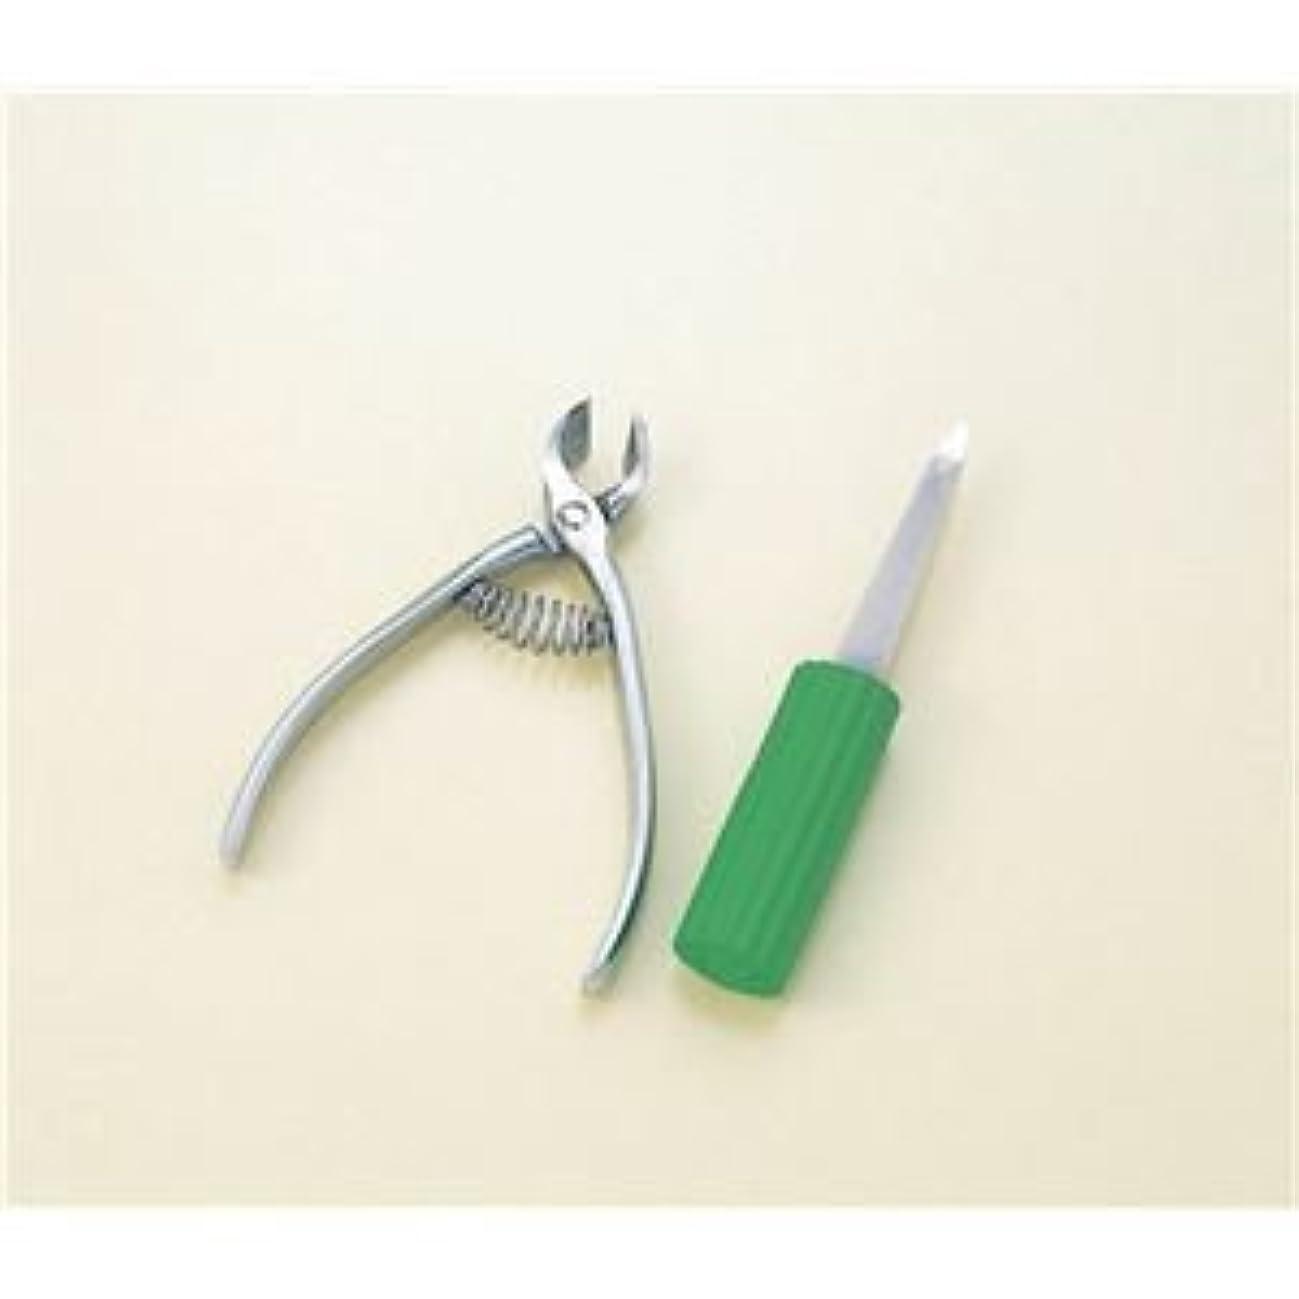 冷笑する森林薬局(まとめ)フセ企画 爪切り フルサワの爪切り【×3セット】